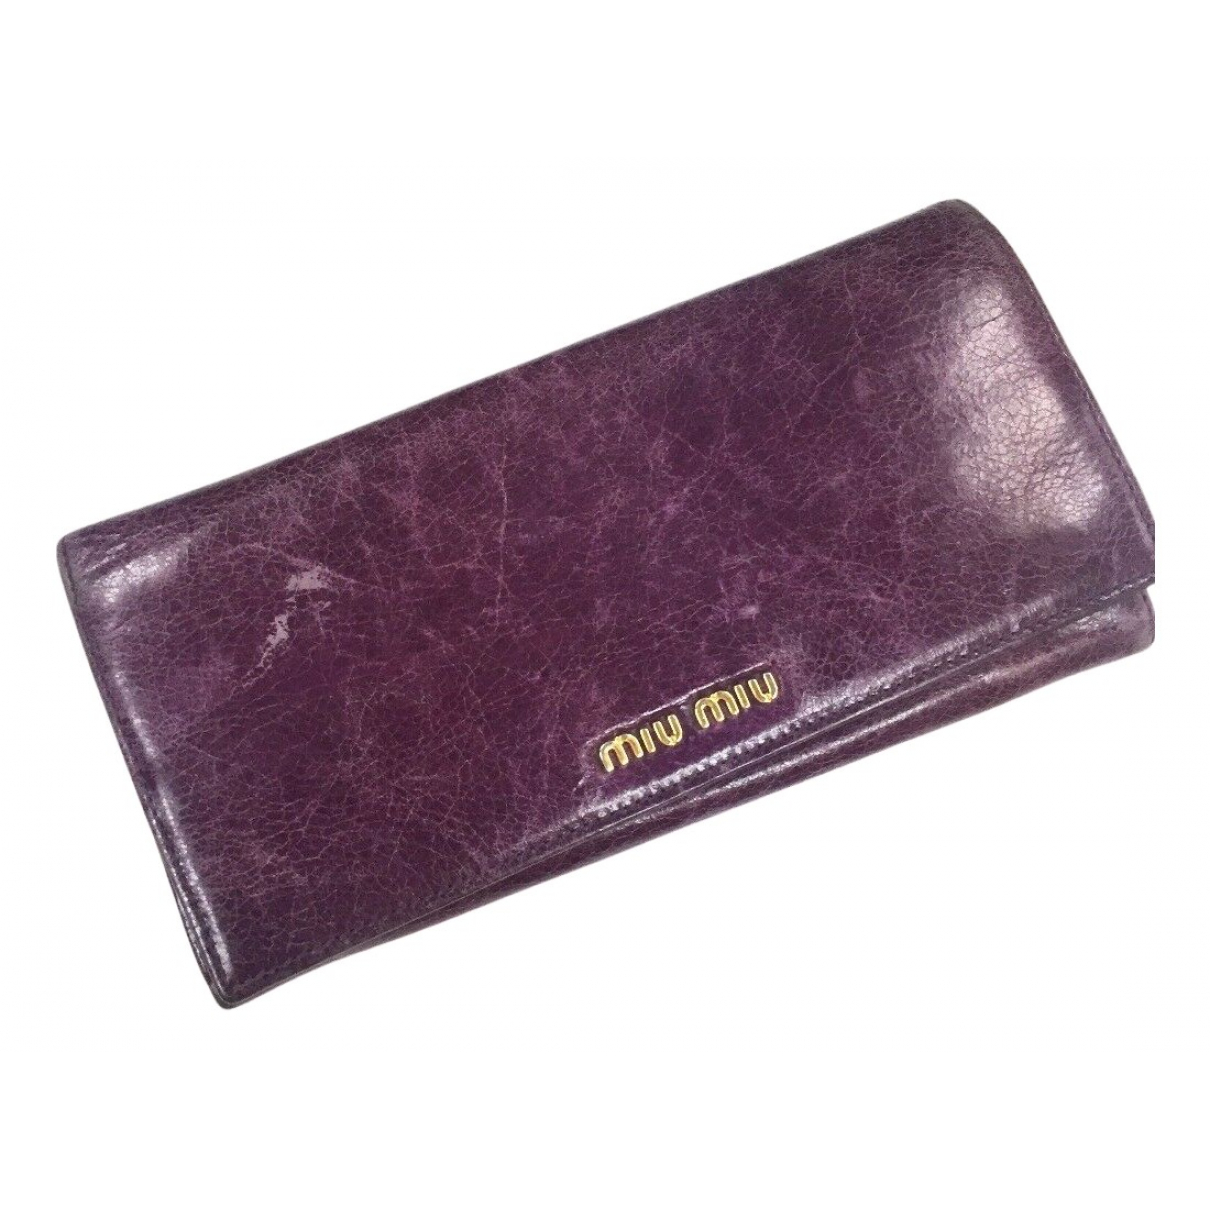 Miu Miu N Leather wallet for Women N